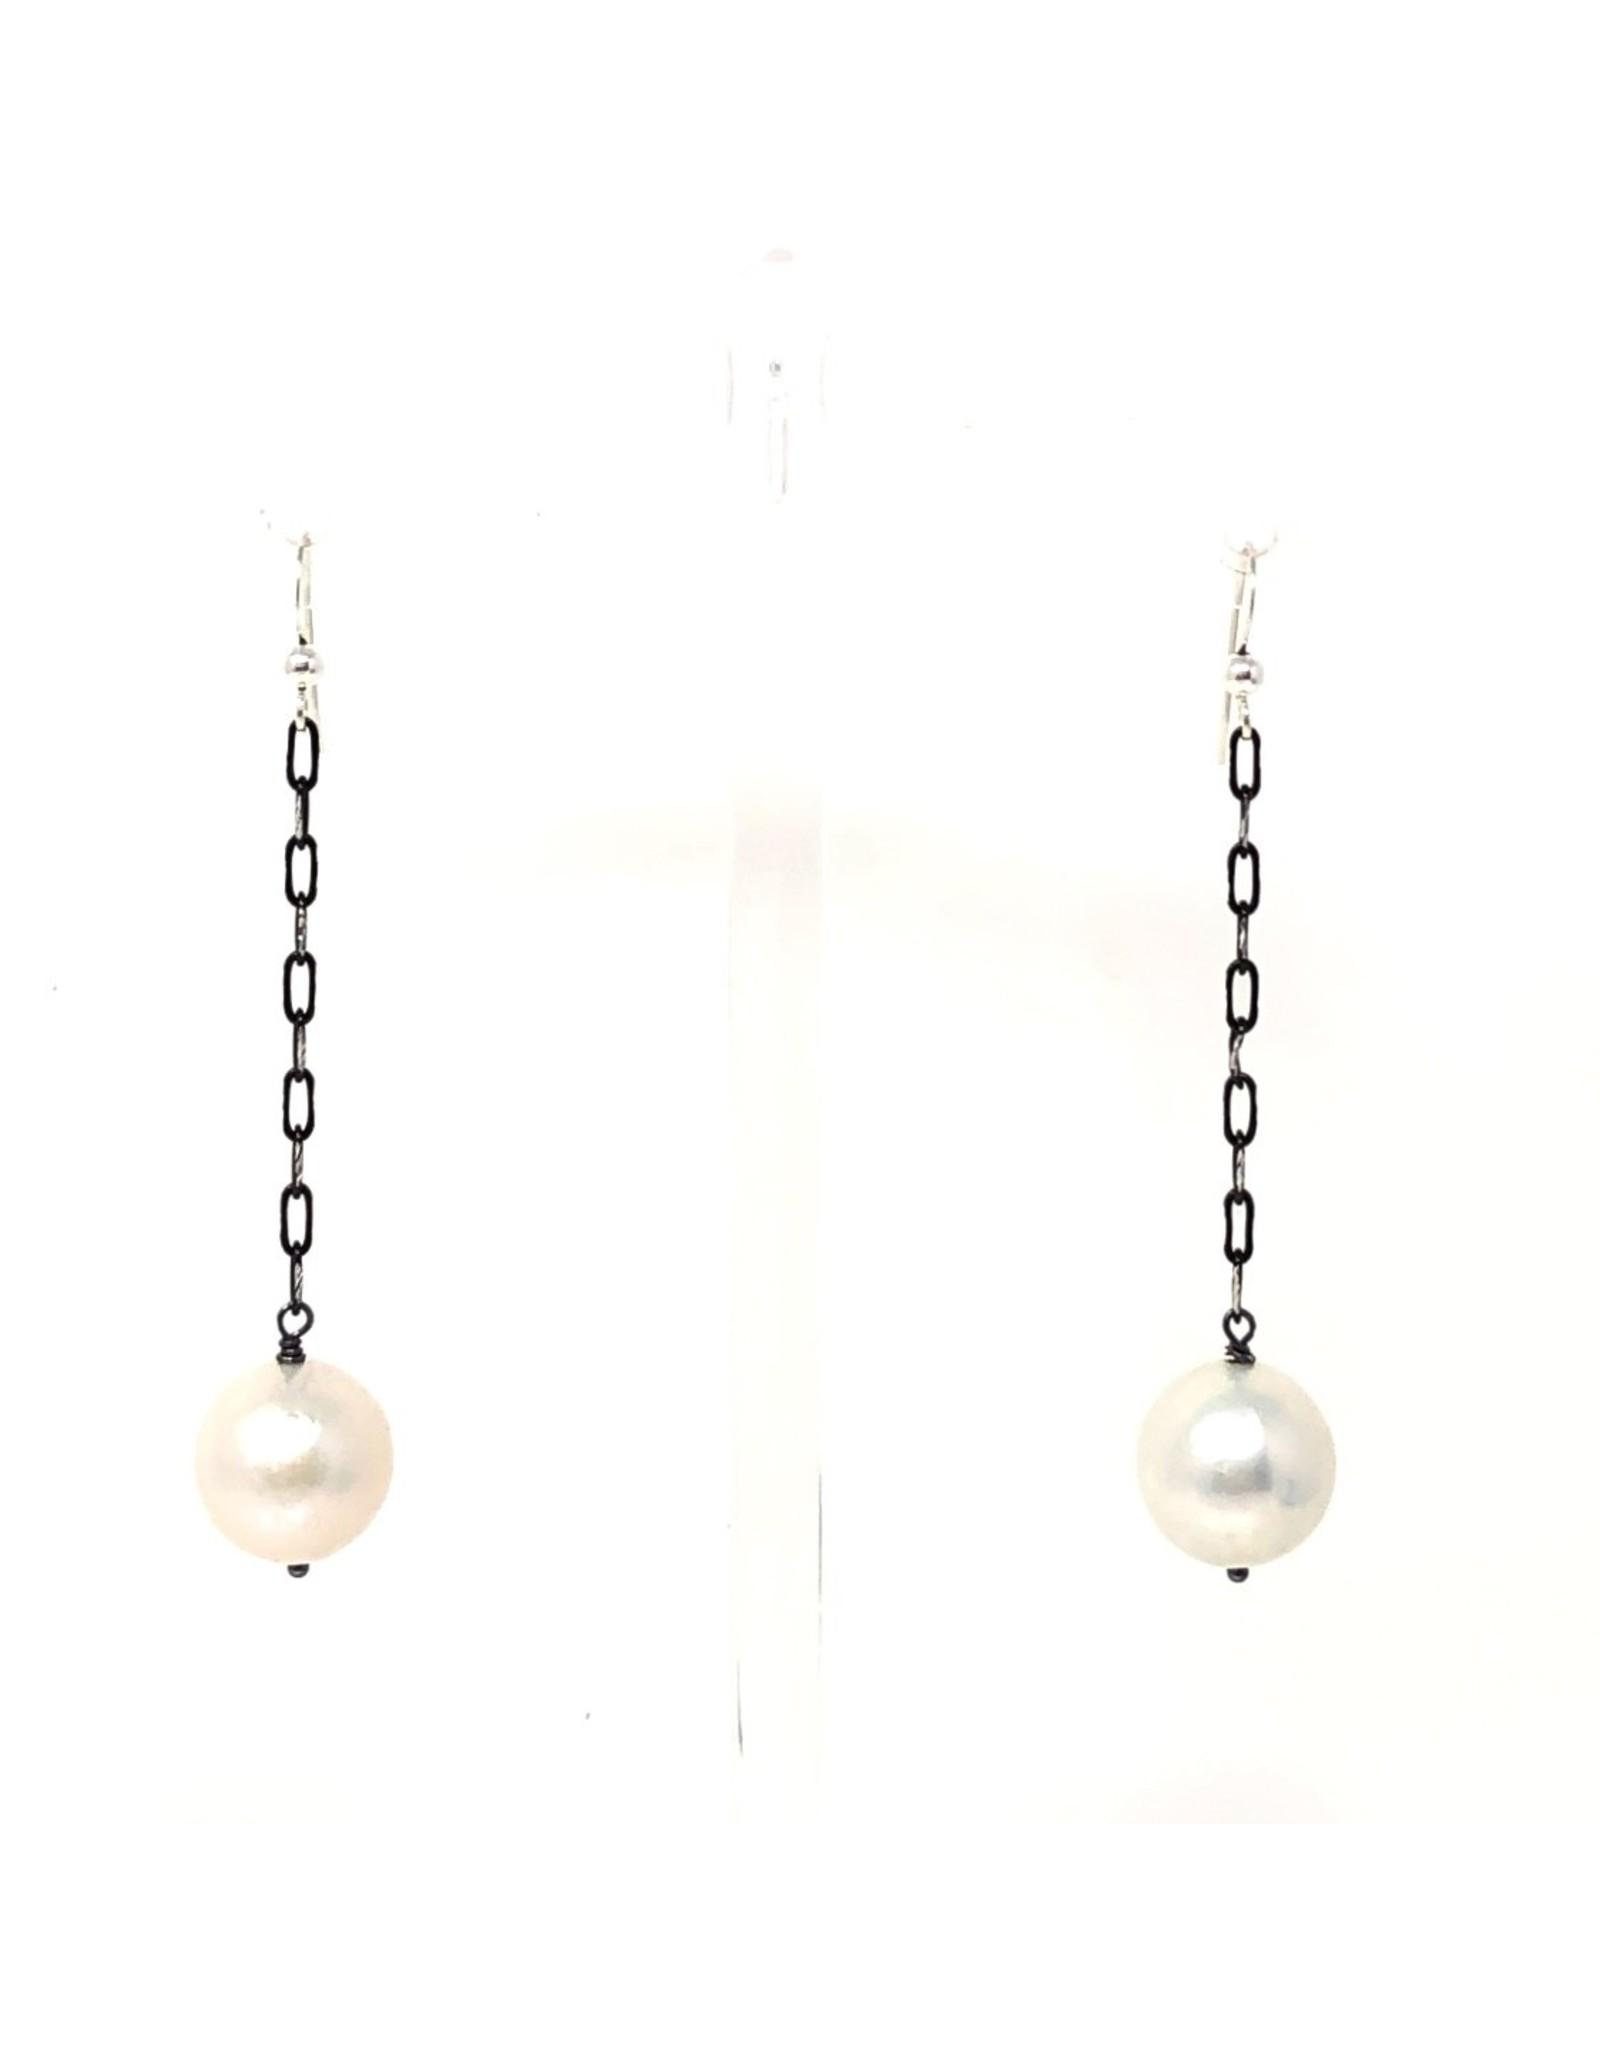 Oxidized/Silver Cut Earrings